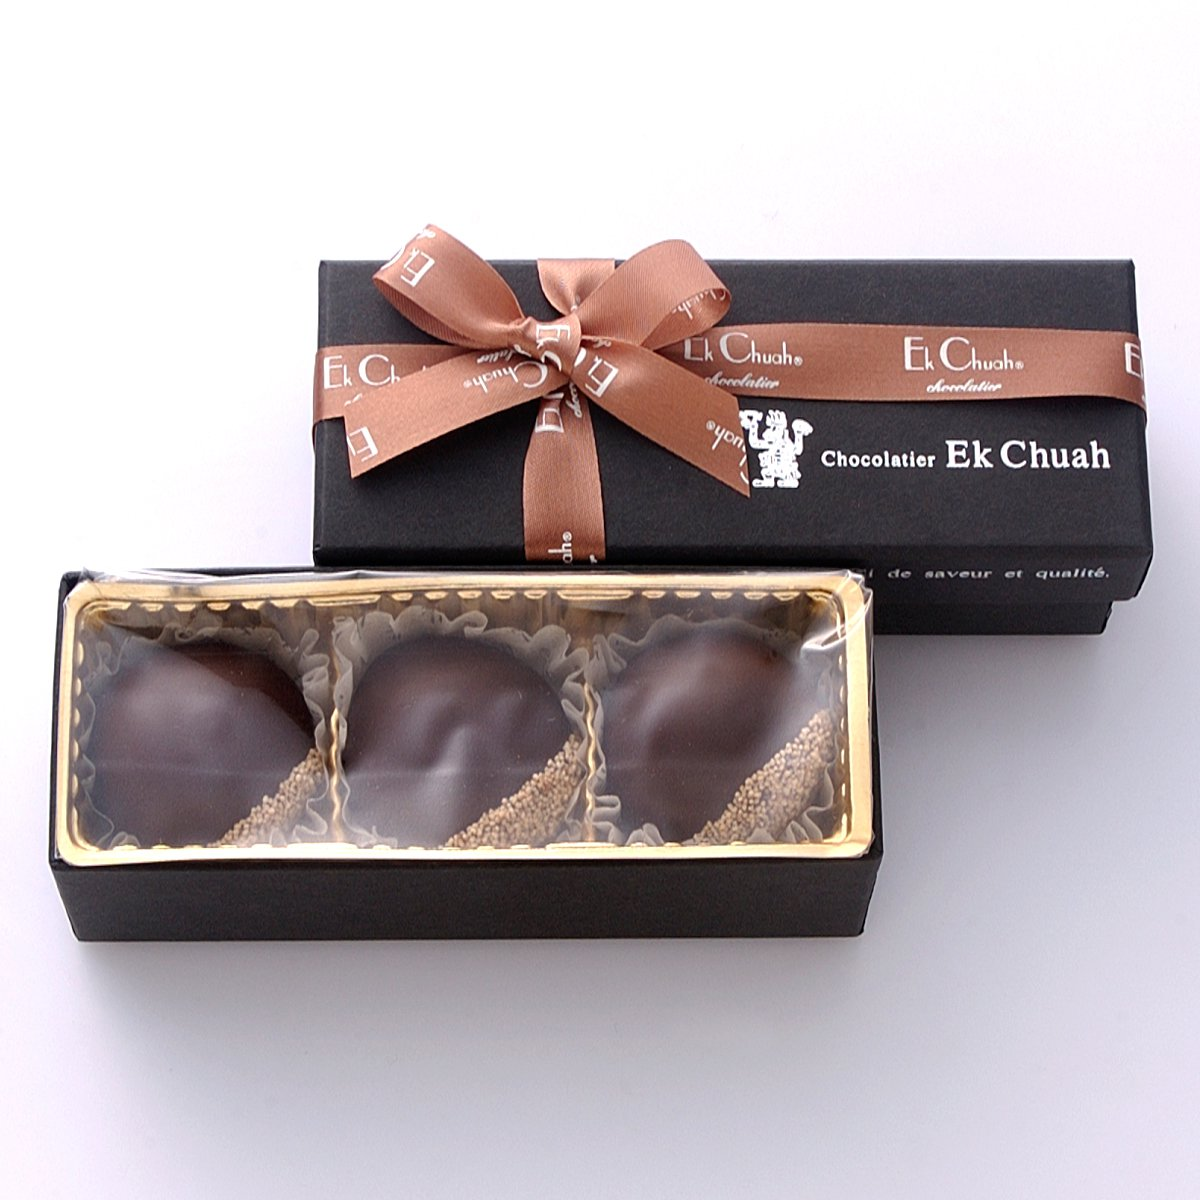 エクチュアの栗チョコレート